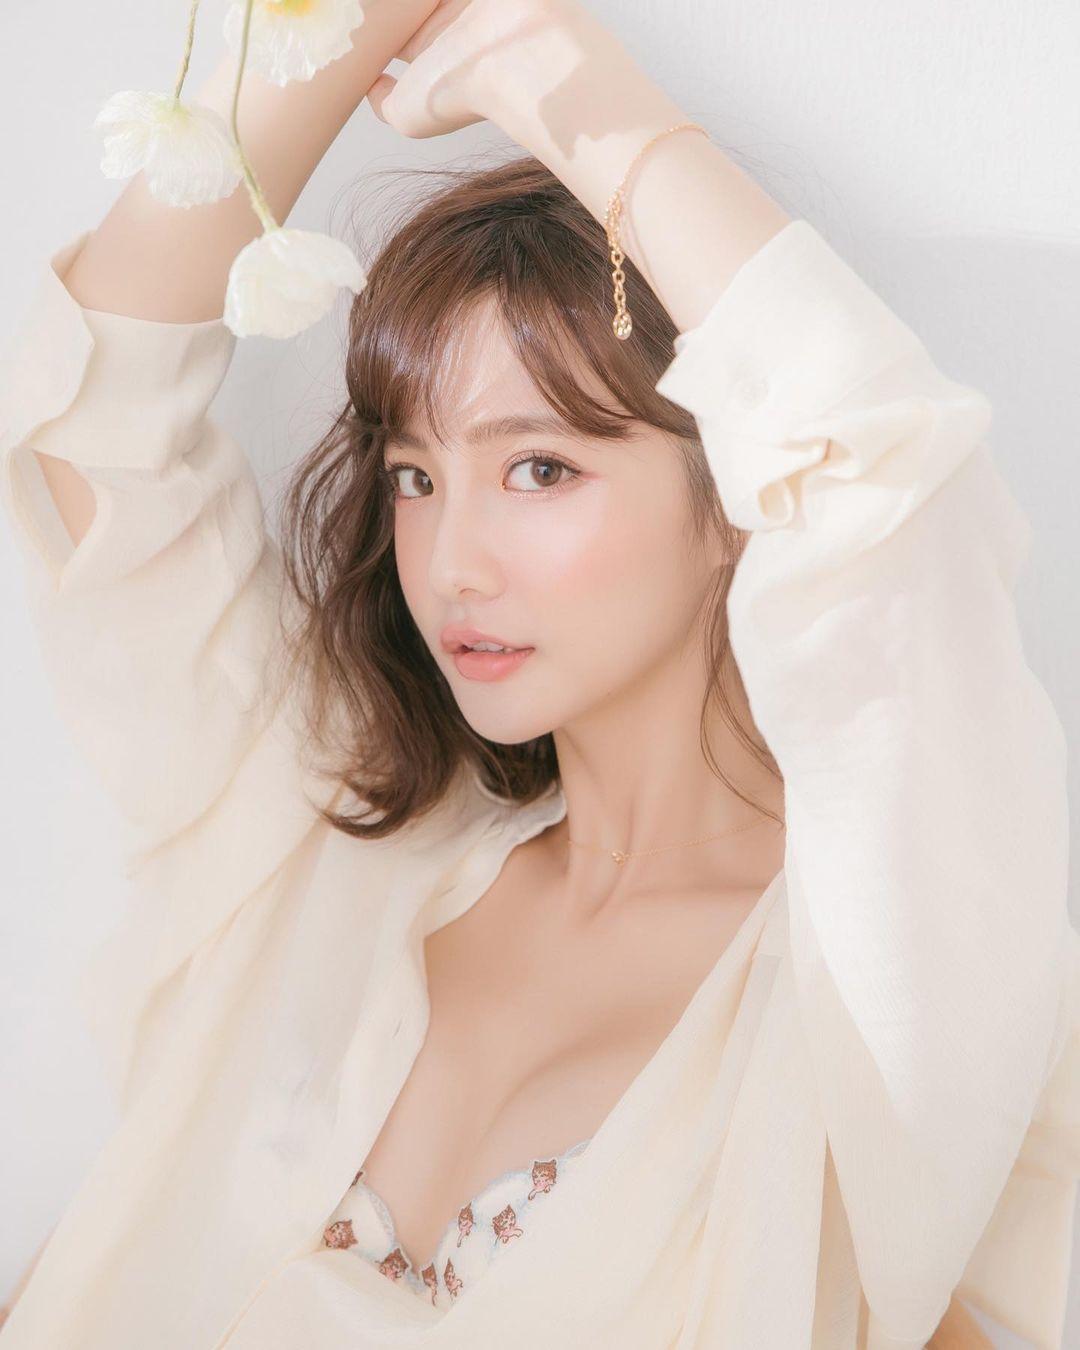 Nina 曹婕妤